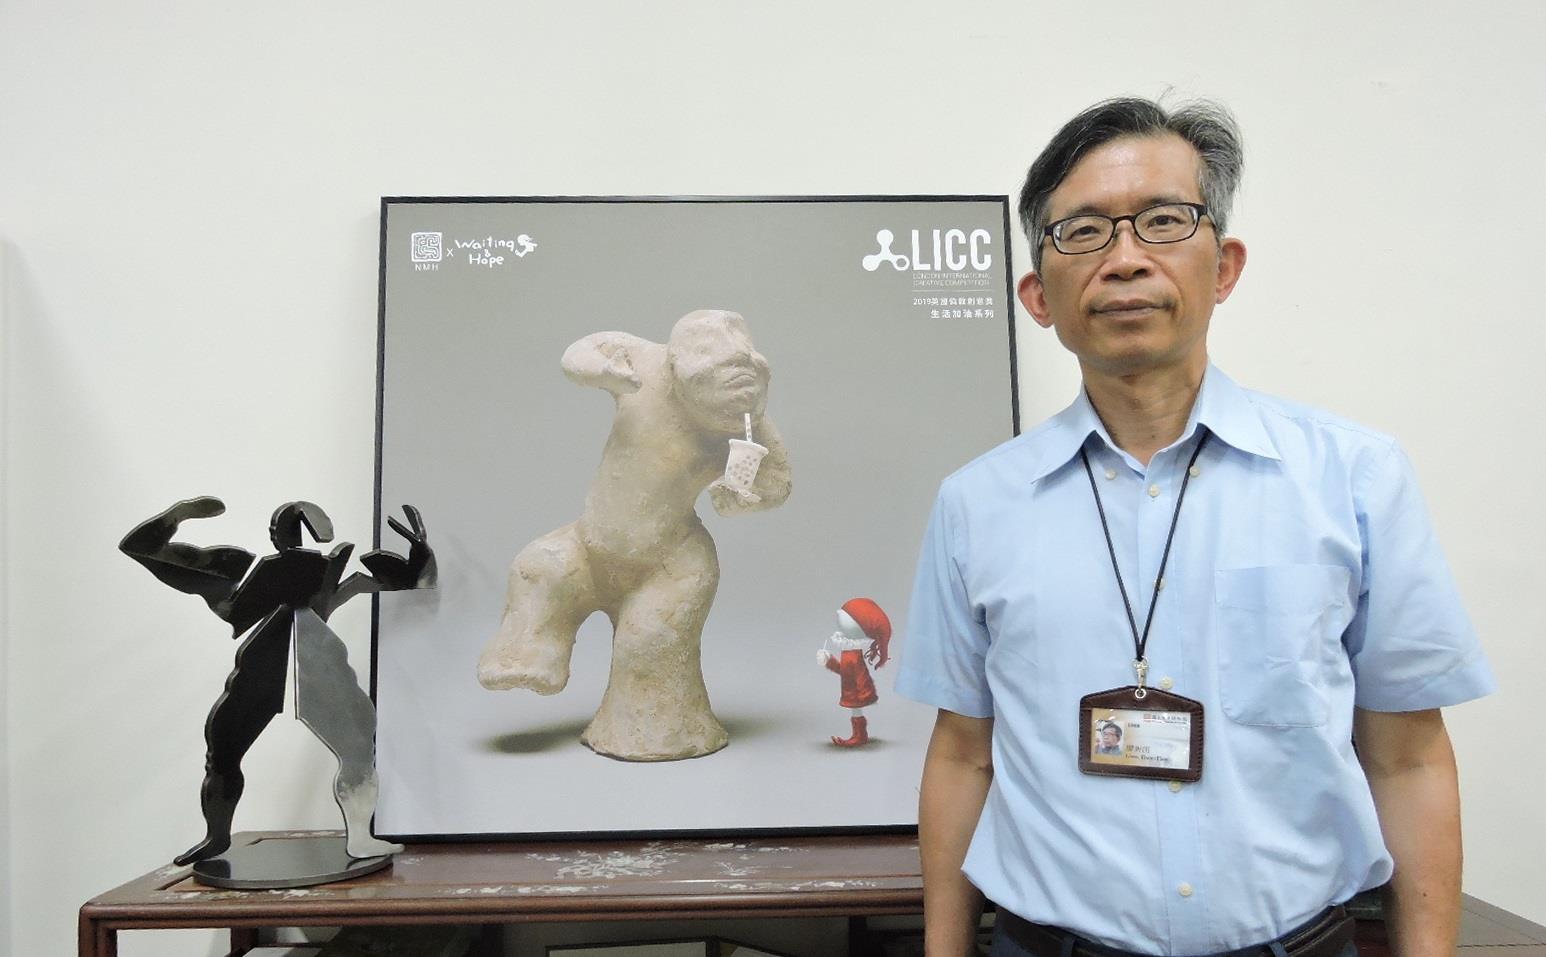 史博館推精選商城 典藏文物活化再運用為文創商品